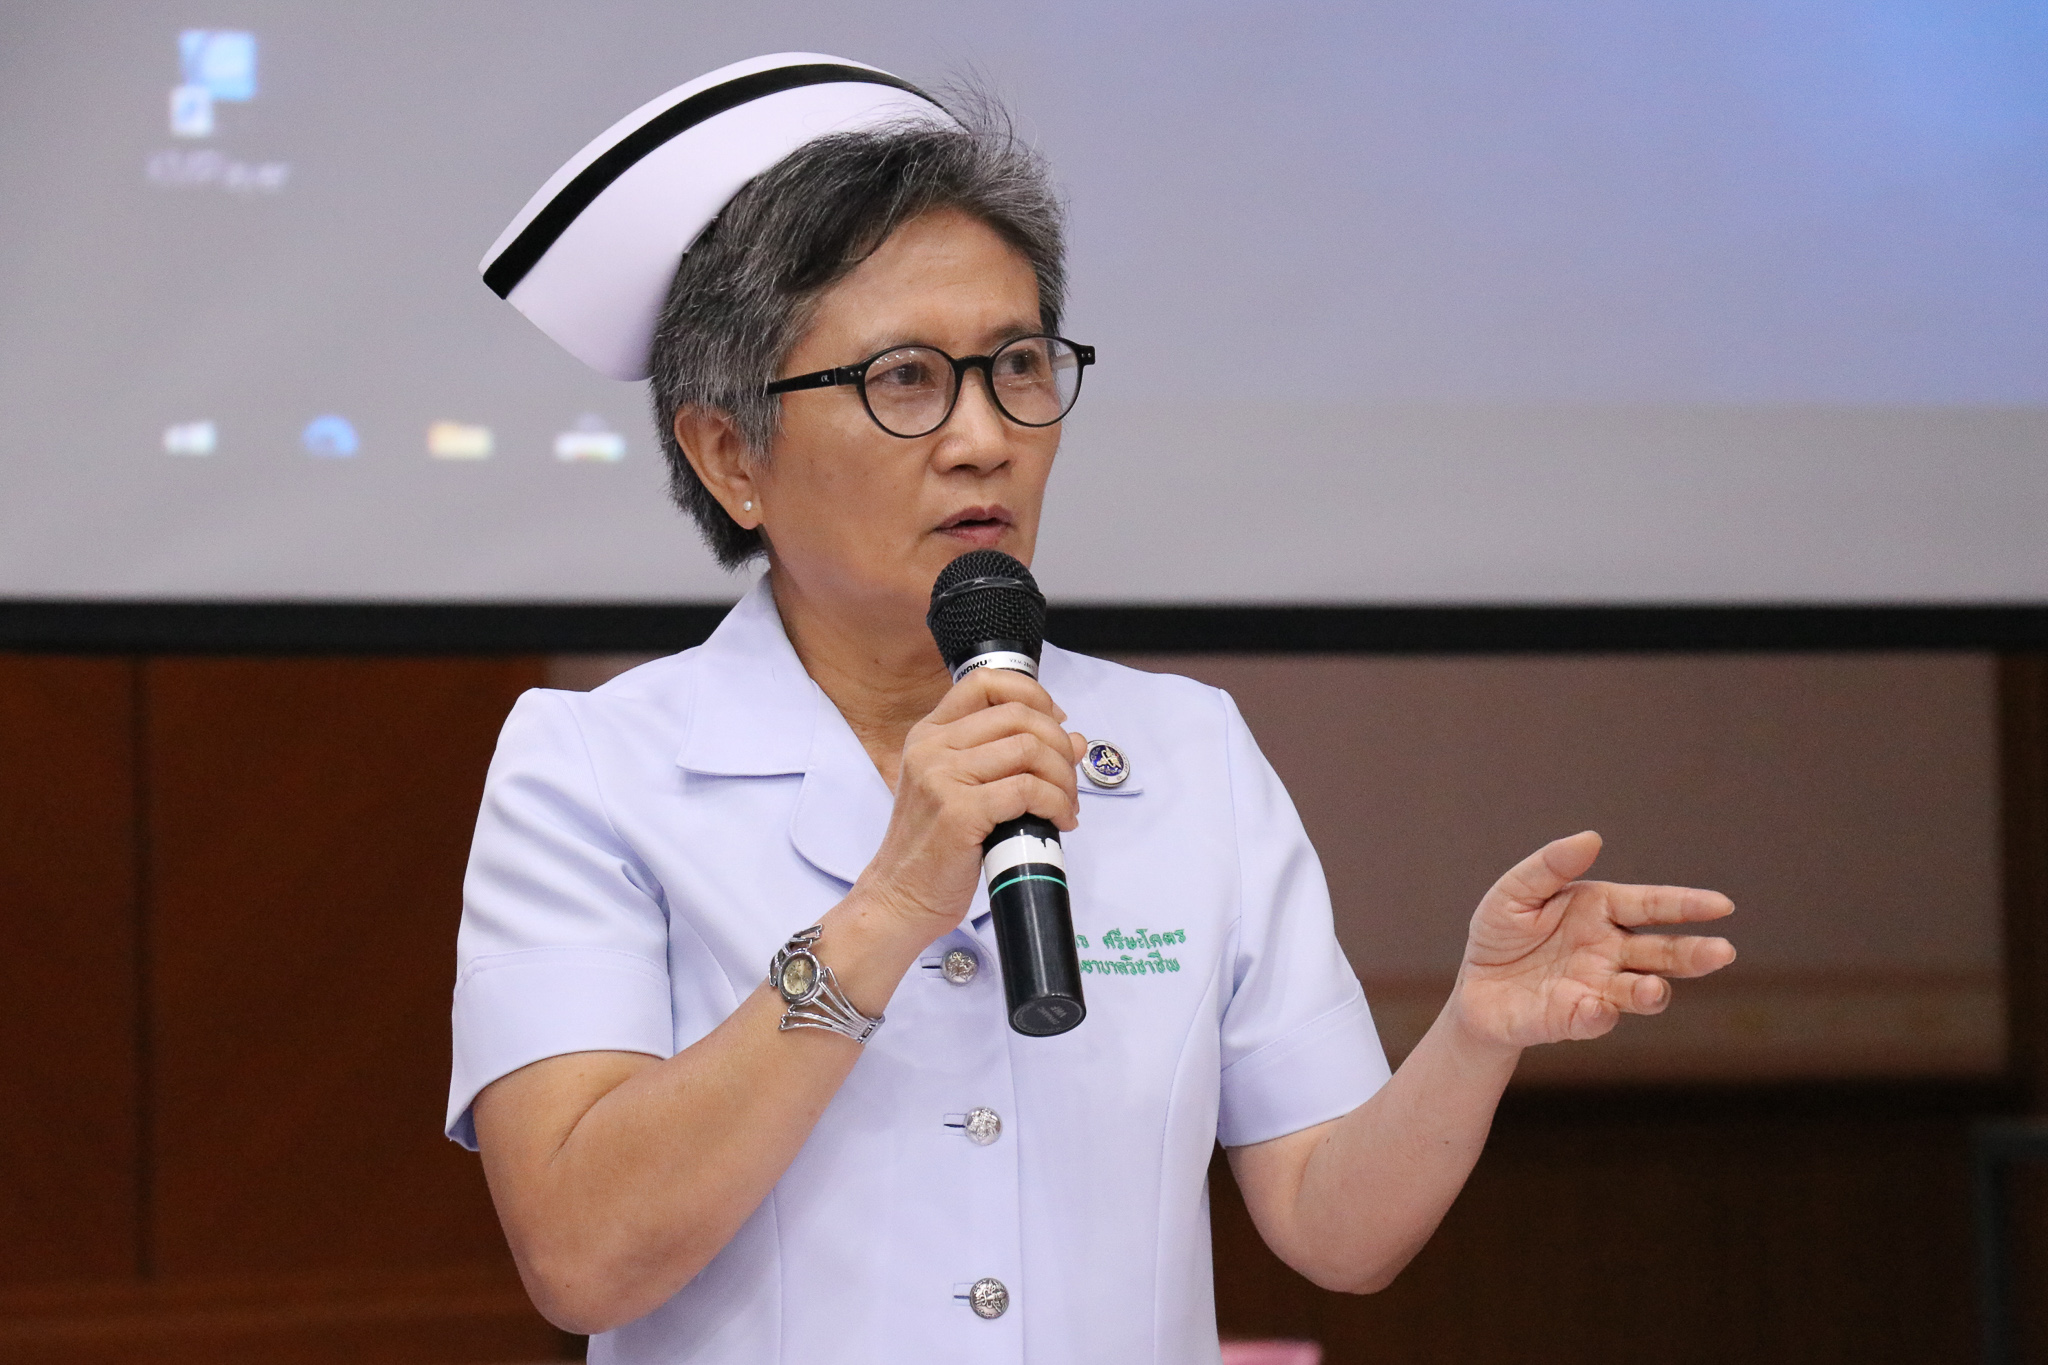 โรงพยาบาลมหาสารคาม จัดประชุมการจัดการเรื่องร้องเรียน